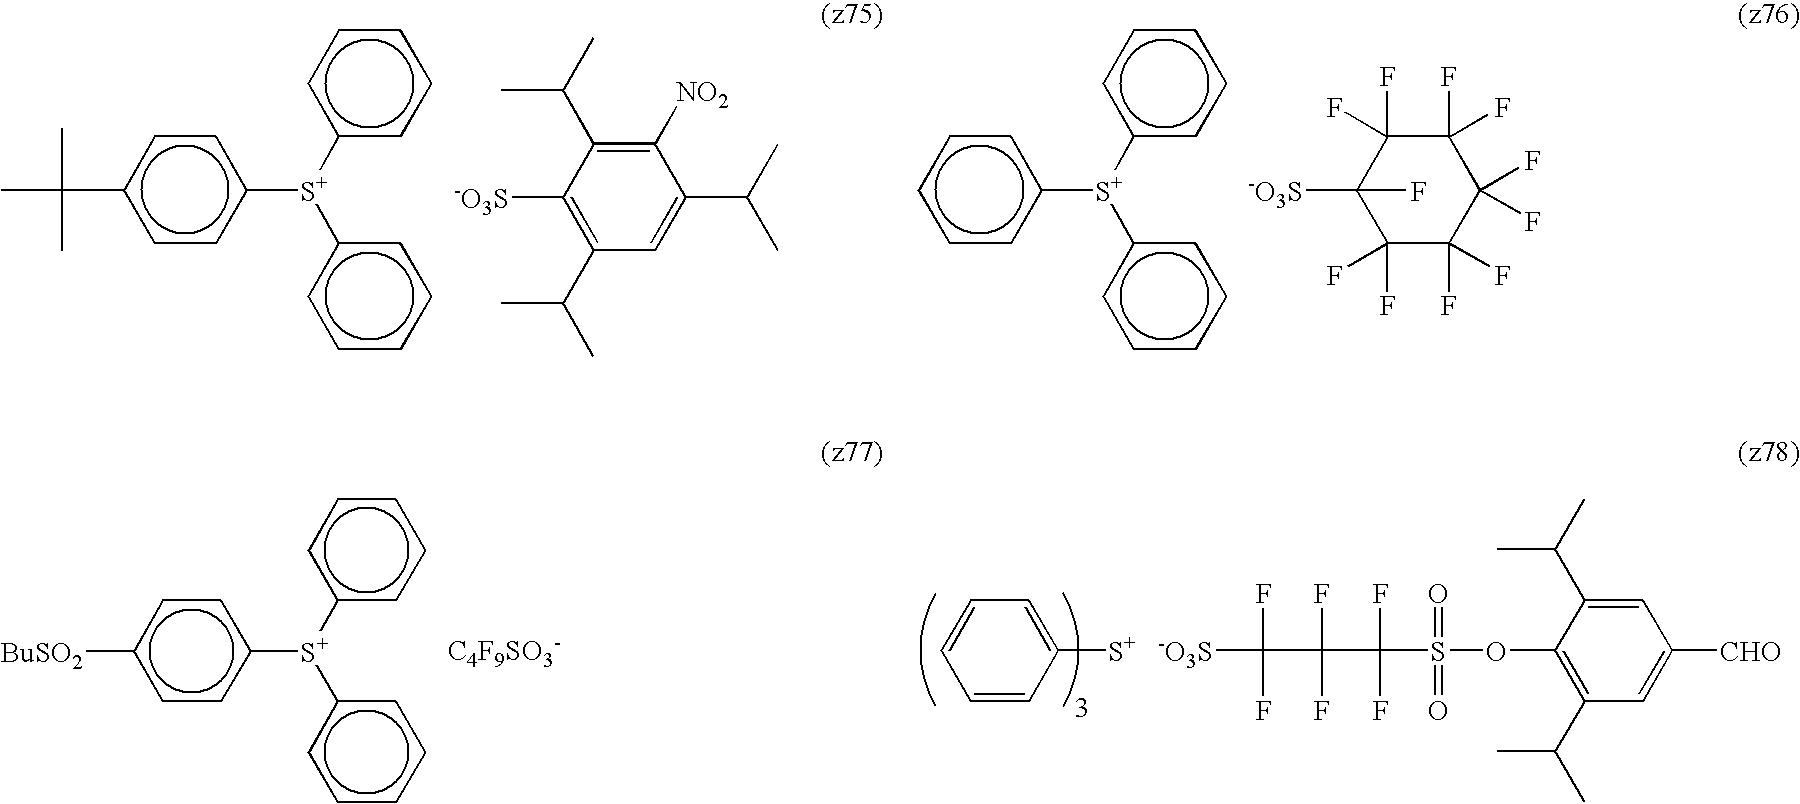 Figure US07998655-20110816-C00052